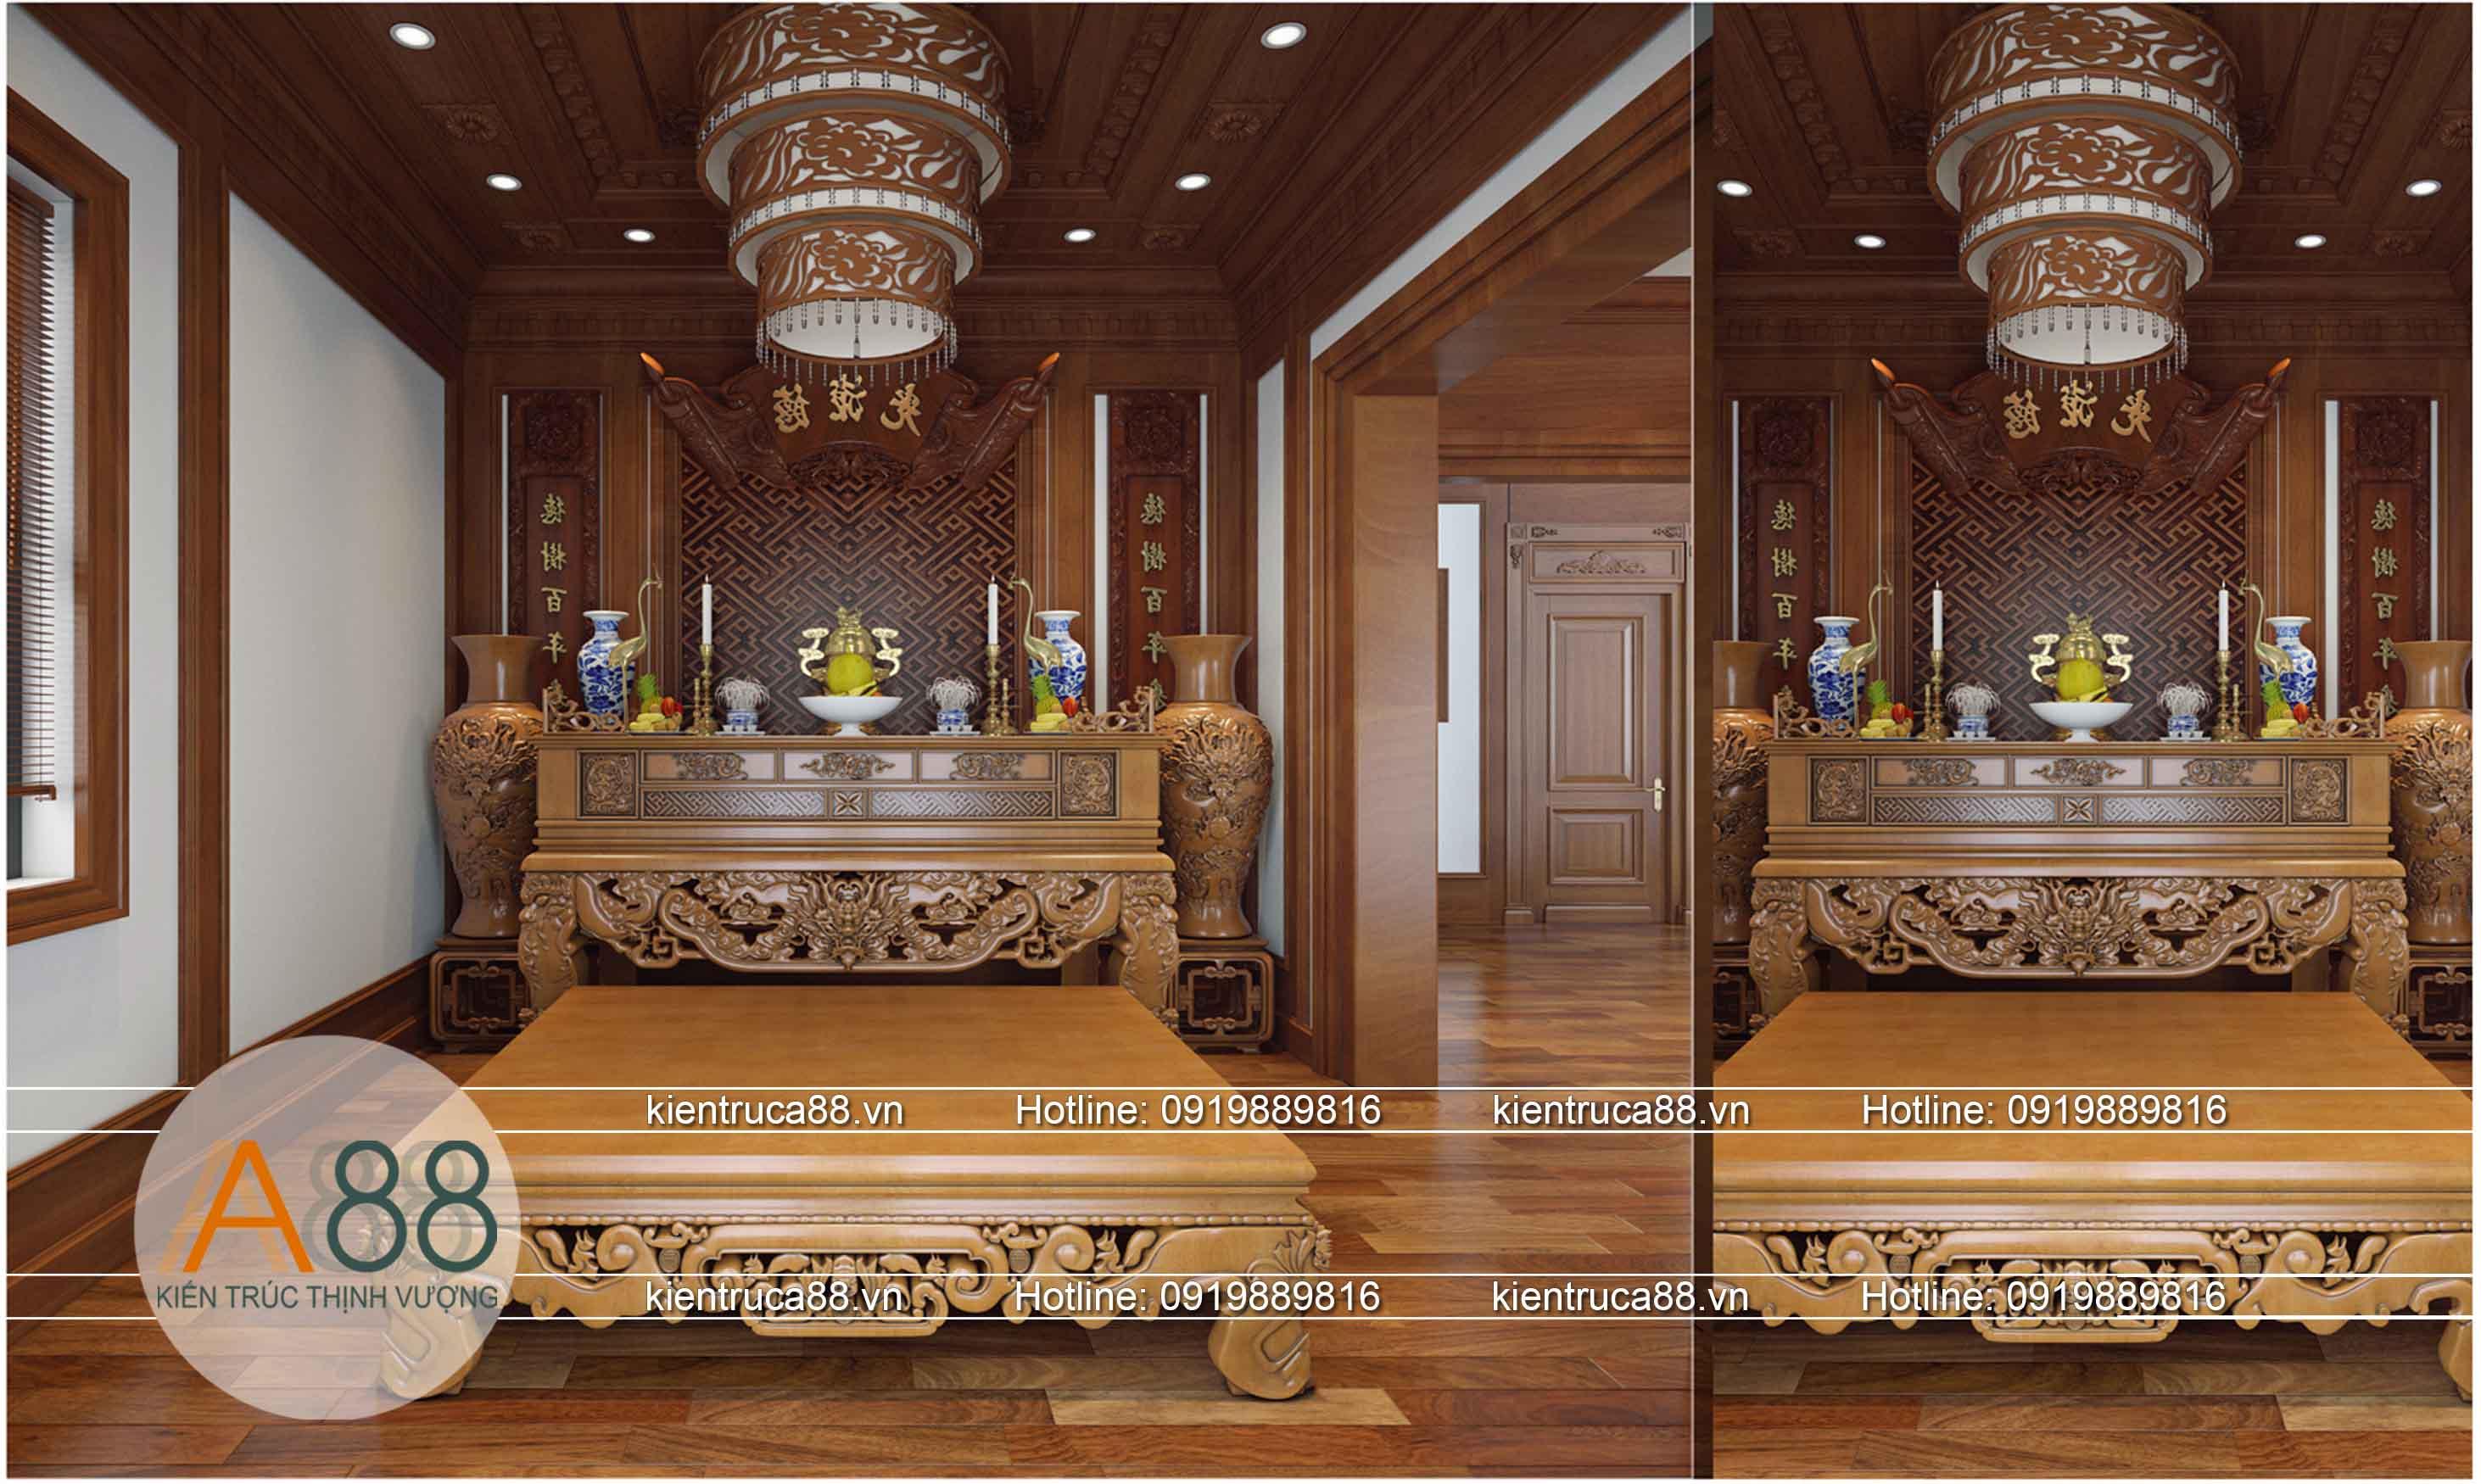 Thiết kế phòng thờ theo phong cách tân cổ điển